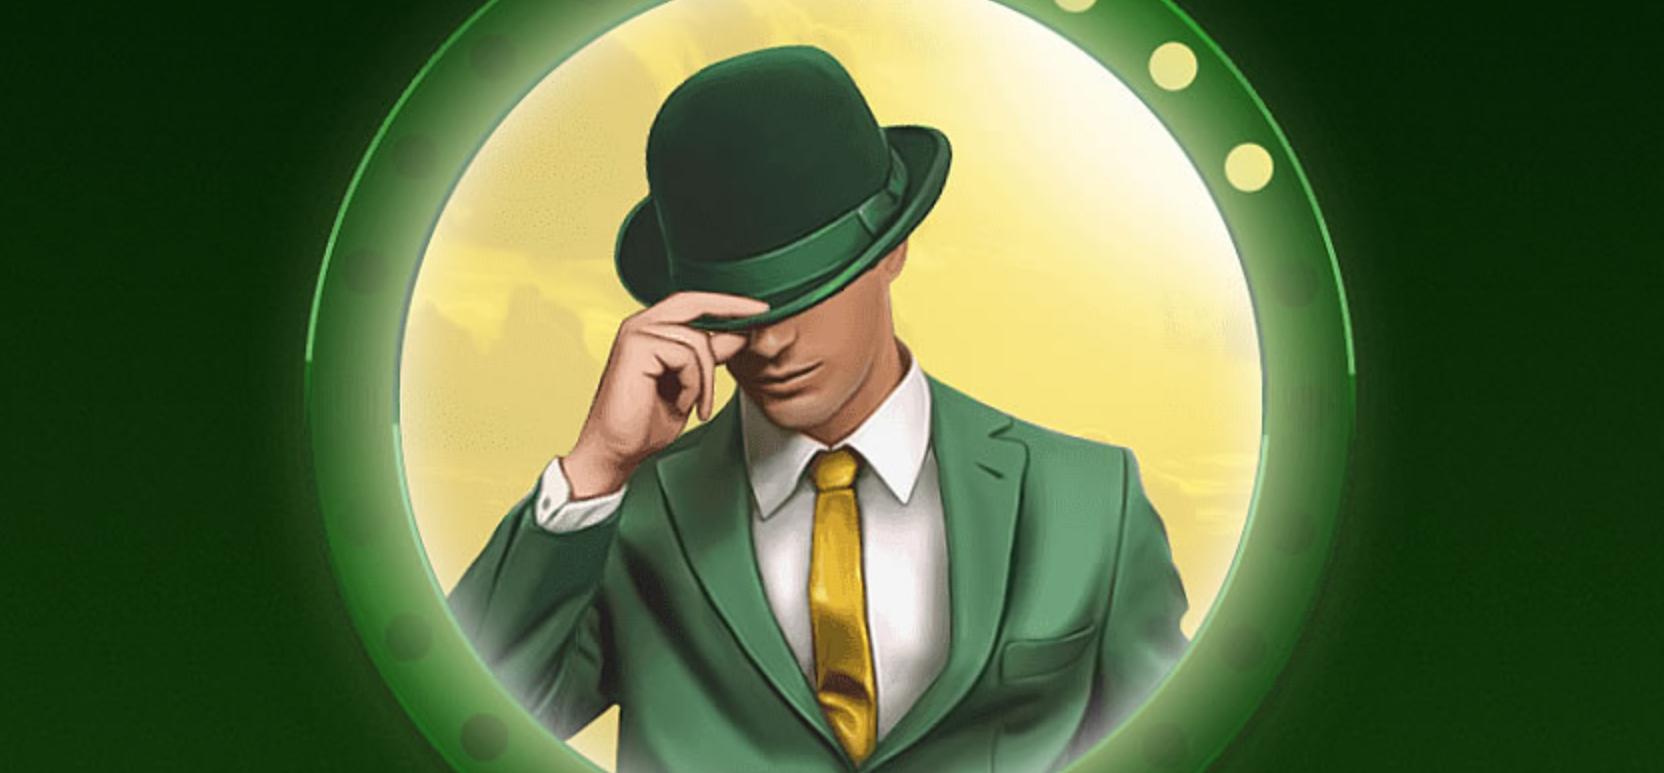 Mr Green bonuskode giver free spins til spillemaskinerne